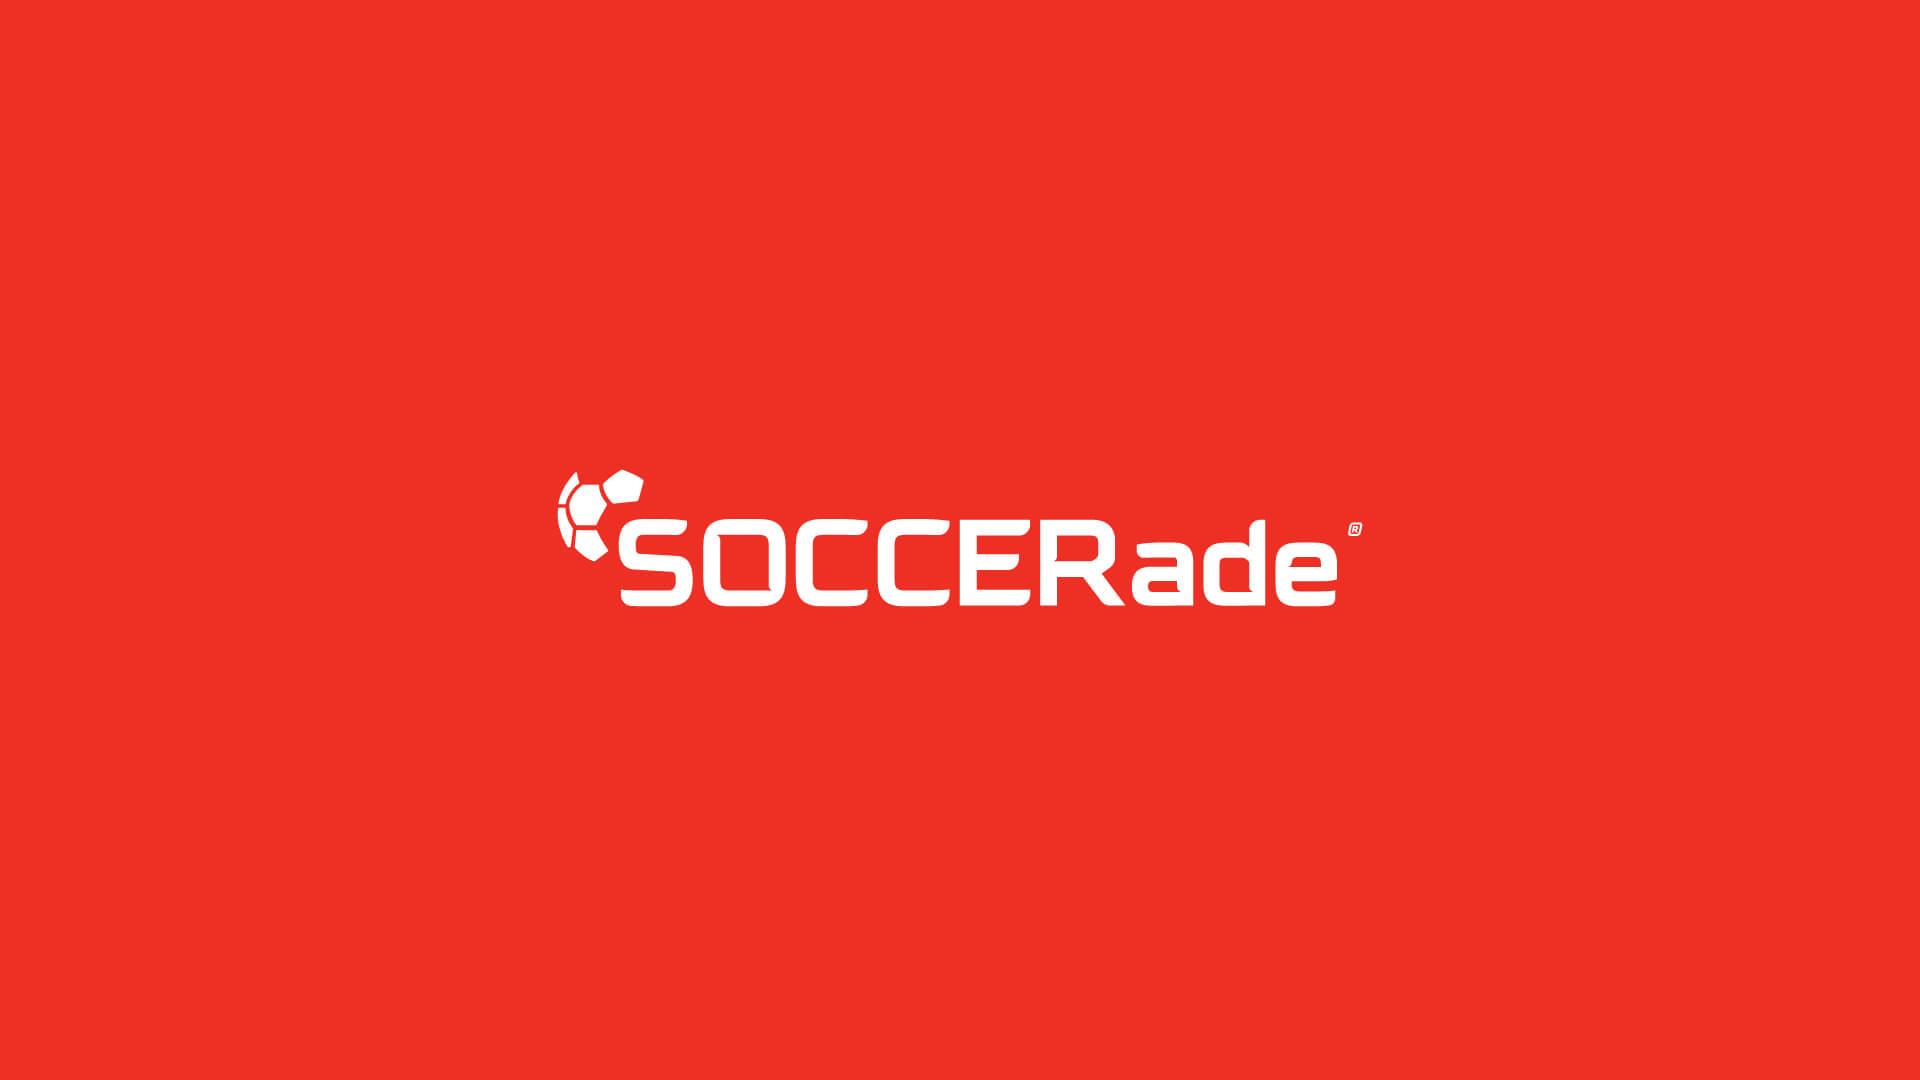 soccerade_logo_1